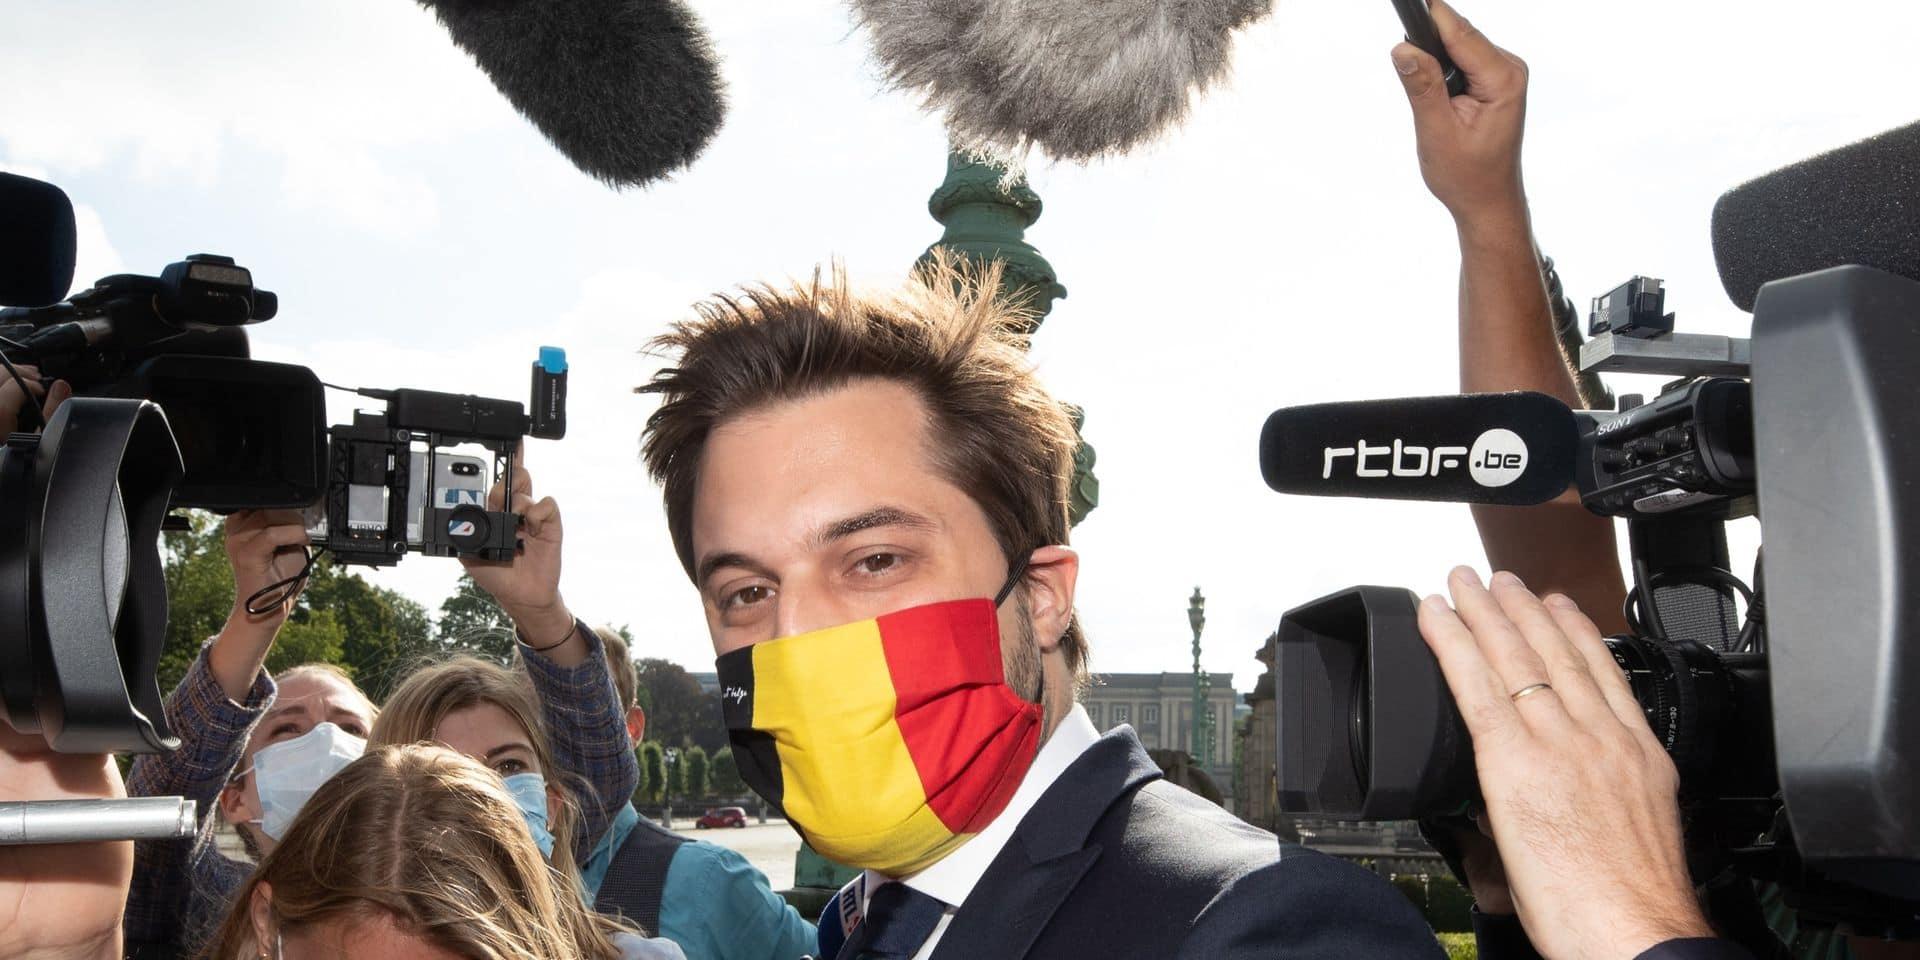 Les négociations fédérales suspendues: l'attitude de Georges-Louis Bouchez critiquée